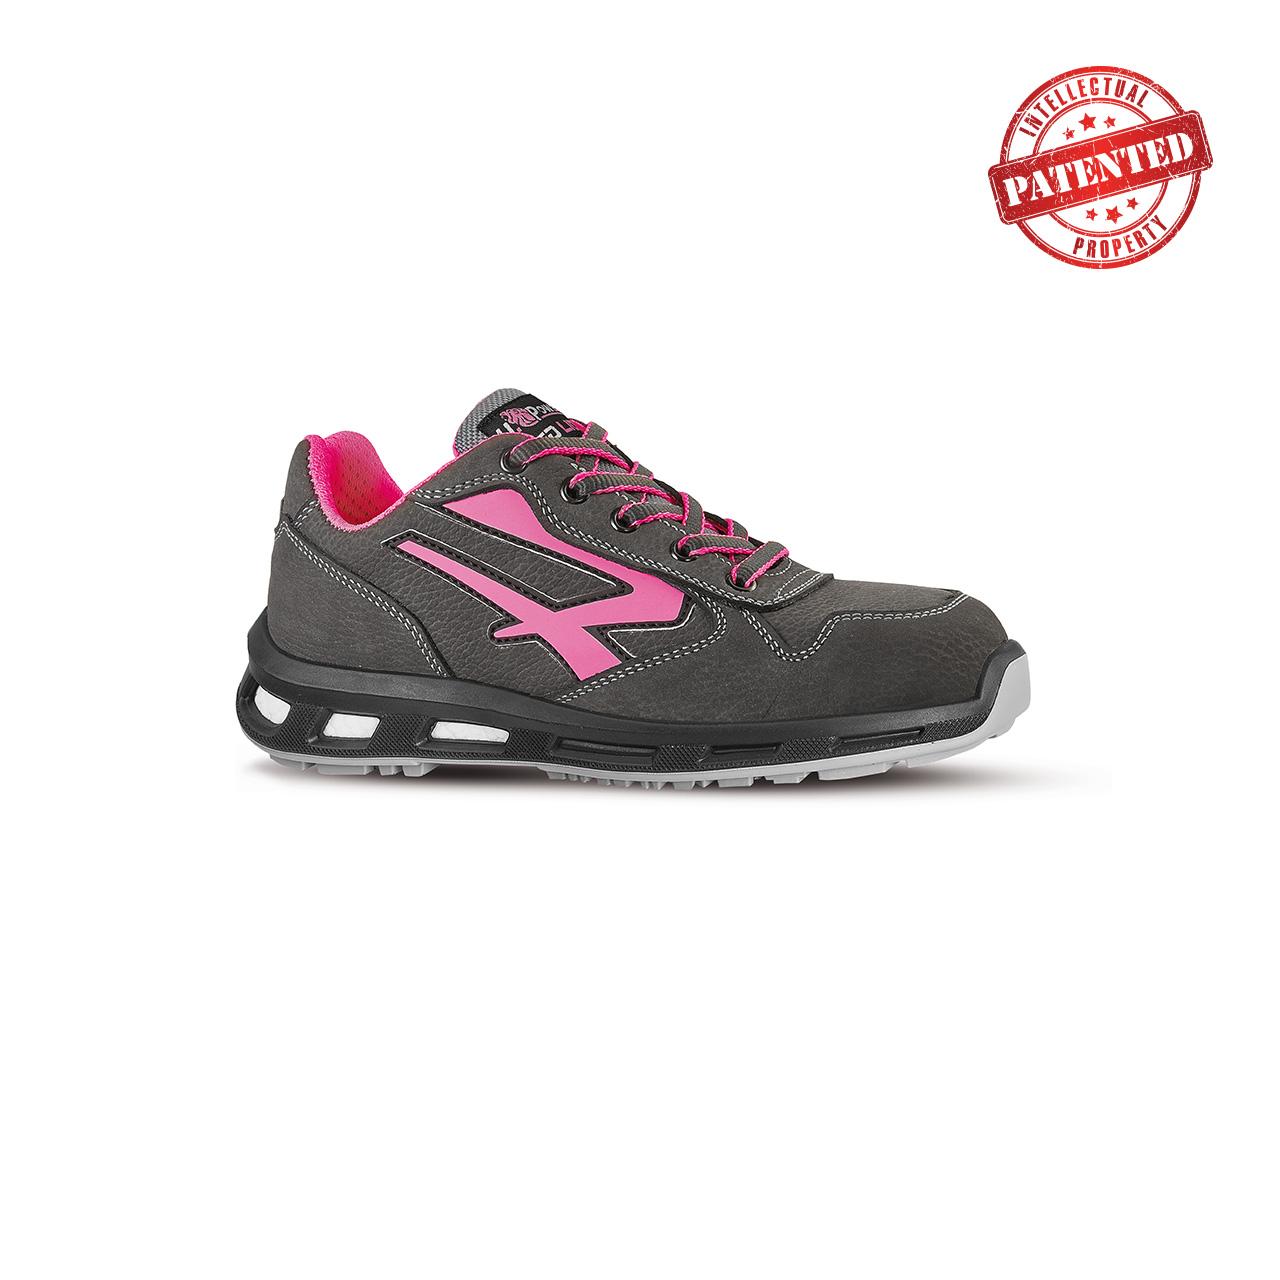 scarpa antinfortunistica upower modello candy linea redlion vista laterale